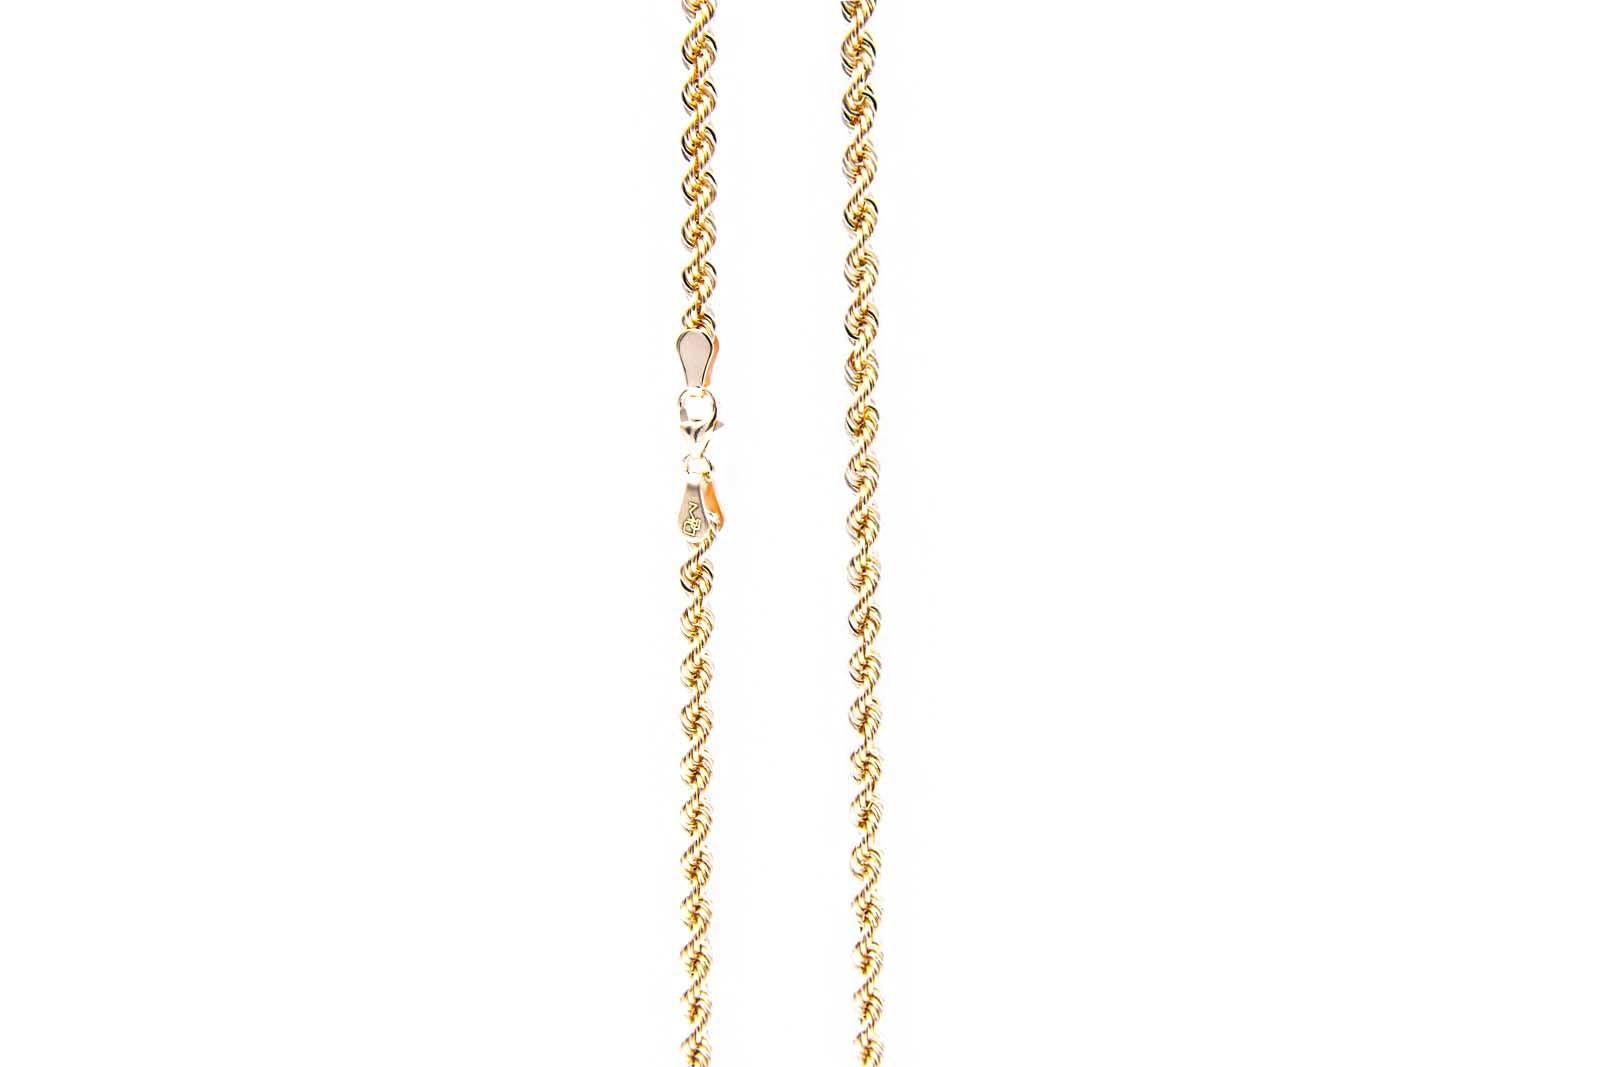 Rope chain roségoud 14kt 3mm-6